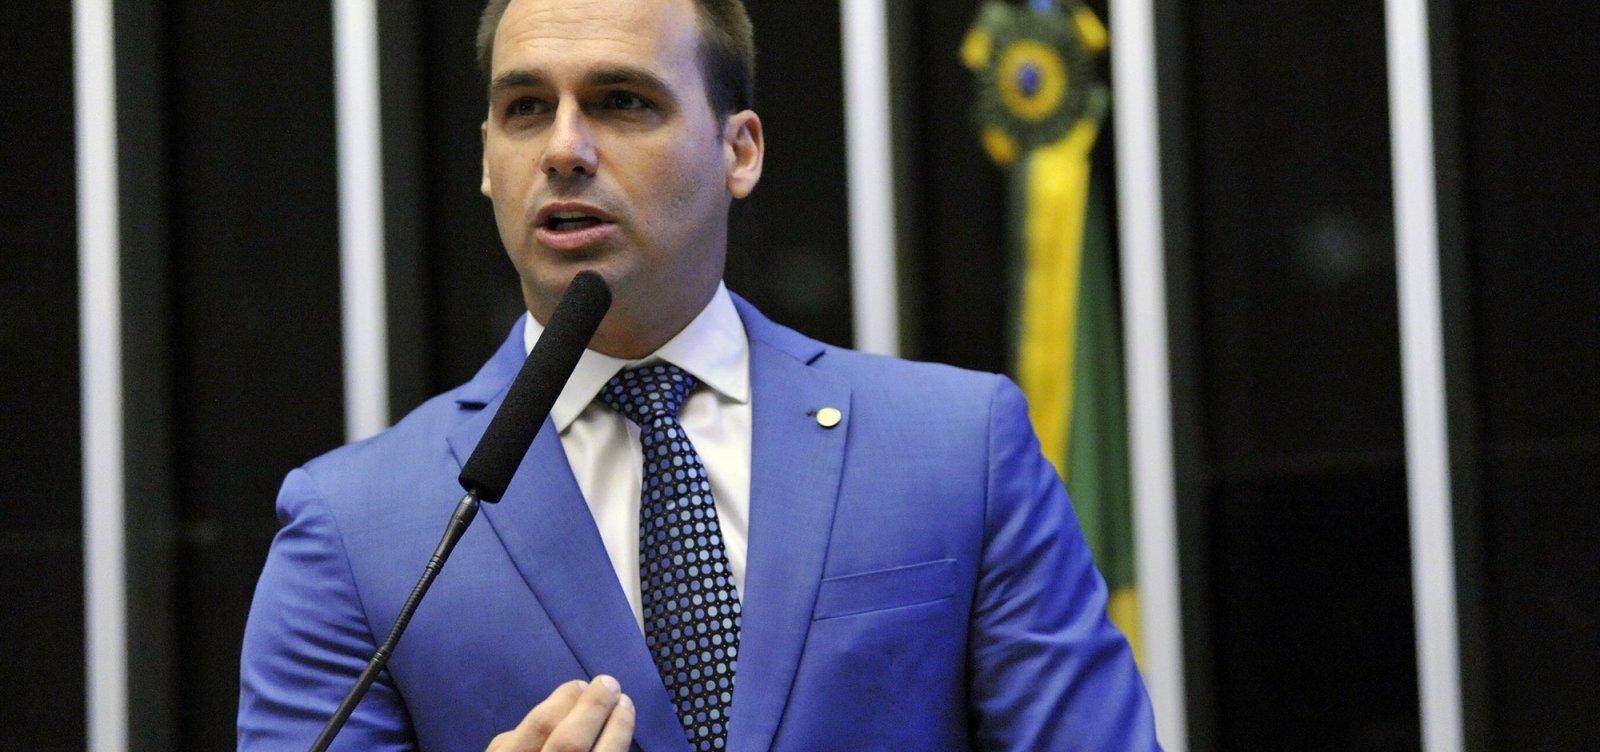 [Eduardo Bolsonaro está protegido por imunidade parlamentar, diz cúpula da PGR]